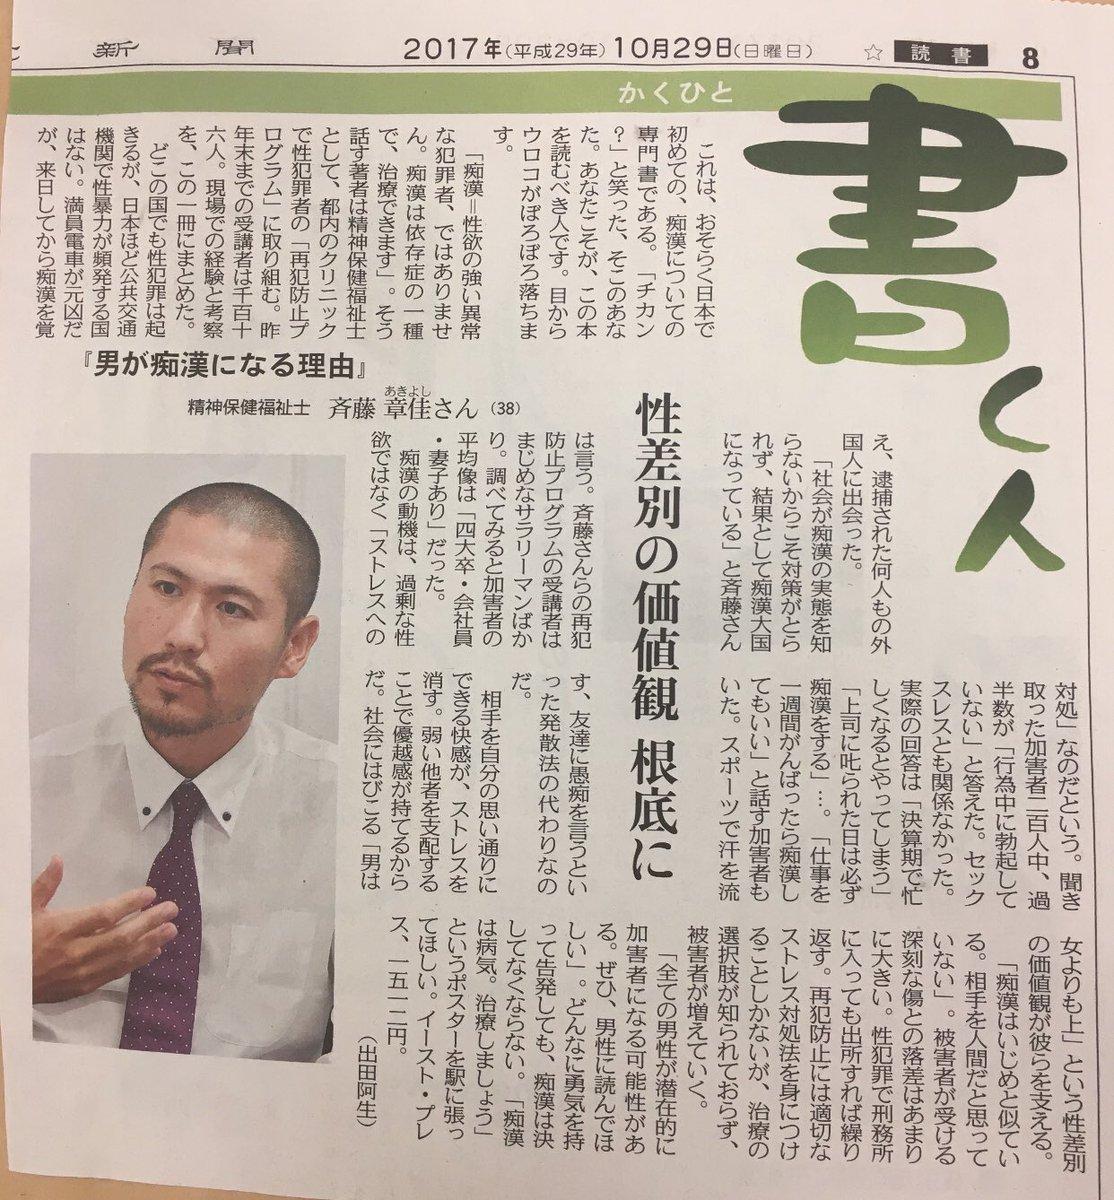 精神保健福祉士の斉藤さん「どこの国も性犯罪は起きるが、日本ほど公共交通機関で性暴力が頻発する国ない。…